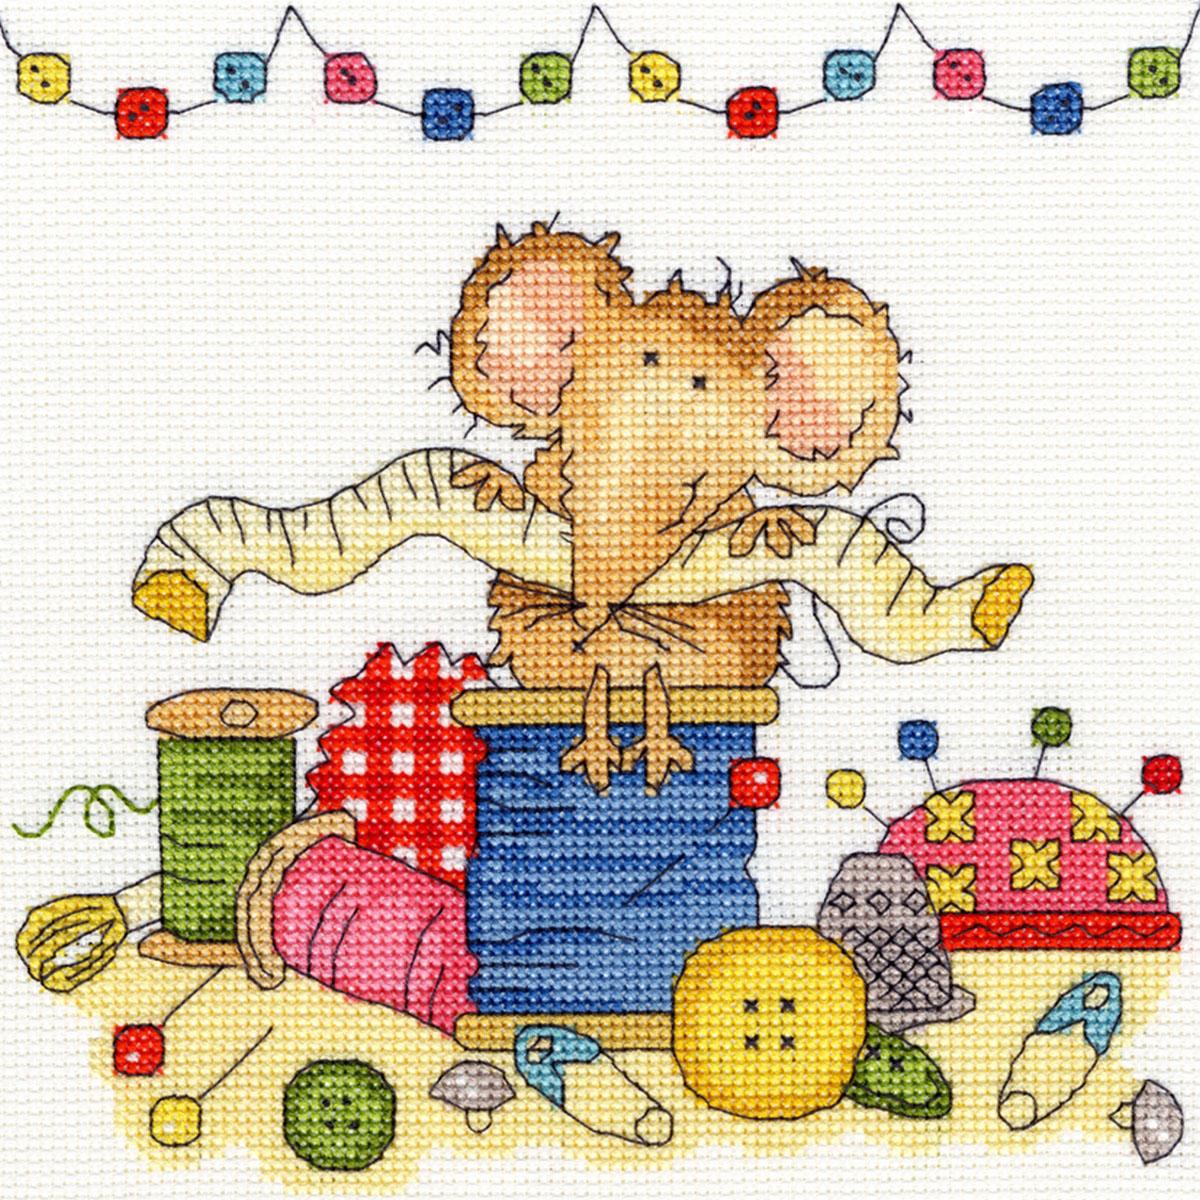 Набор для вышивания крестом Bothy Threads Мышка шьет, 18 x 18 см набор для вышивания крестом bothy threads мышка шьет 18 x 18 см